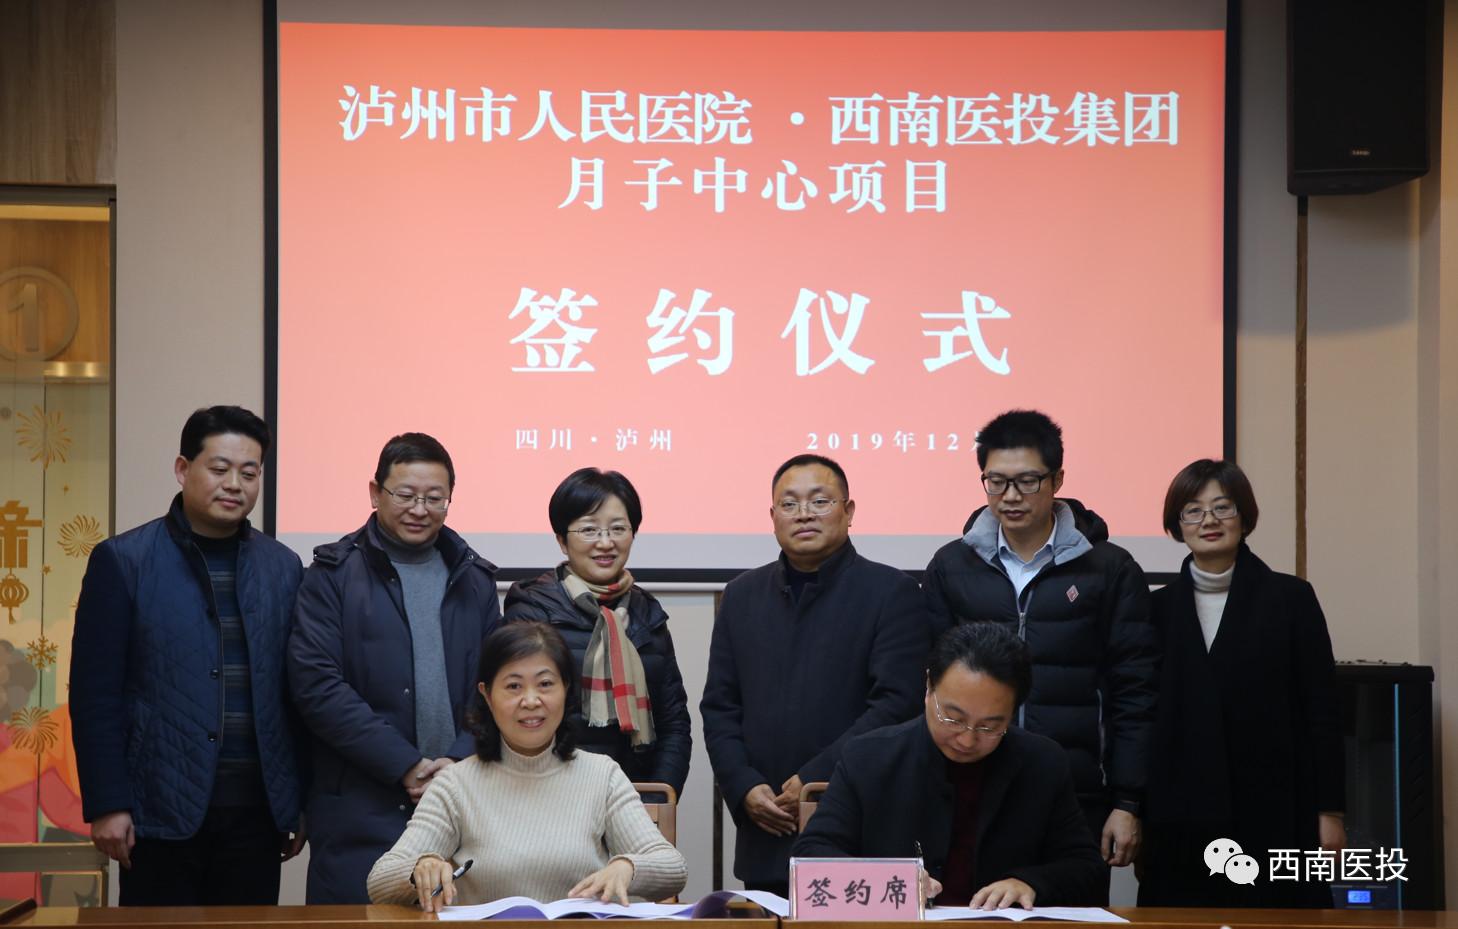 betway必威官网登录betway必威官网登录集团与泸州市人民医院举行月子中心项目合作签约仪式